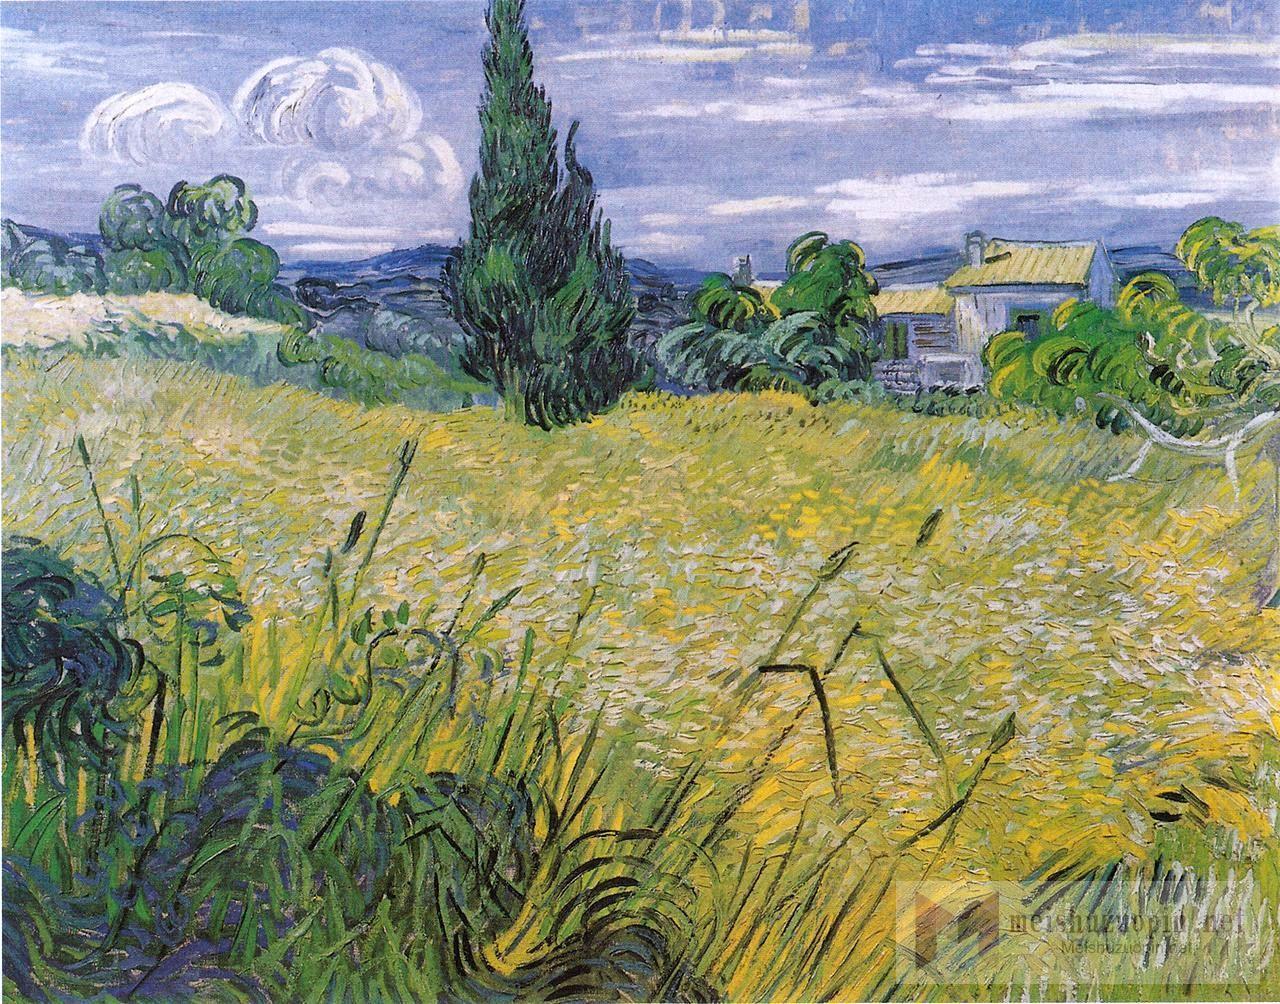 风景油画_绿色麦田与柏树_Green Wheat Field with Cypress